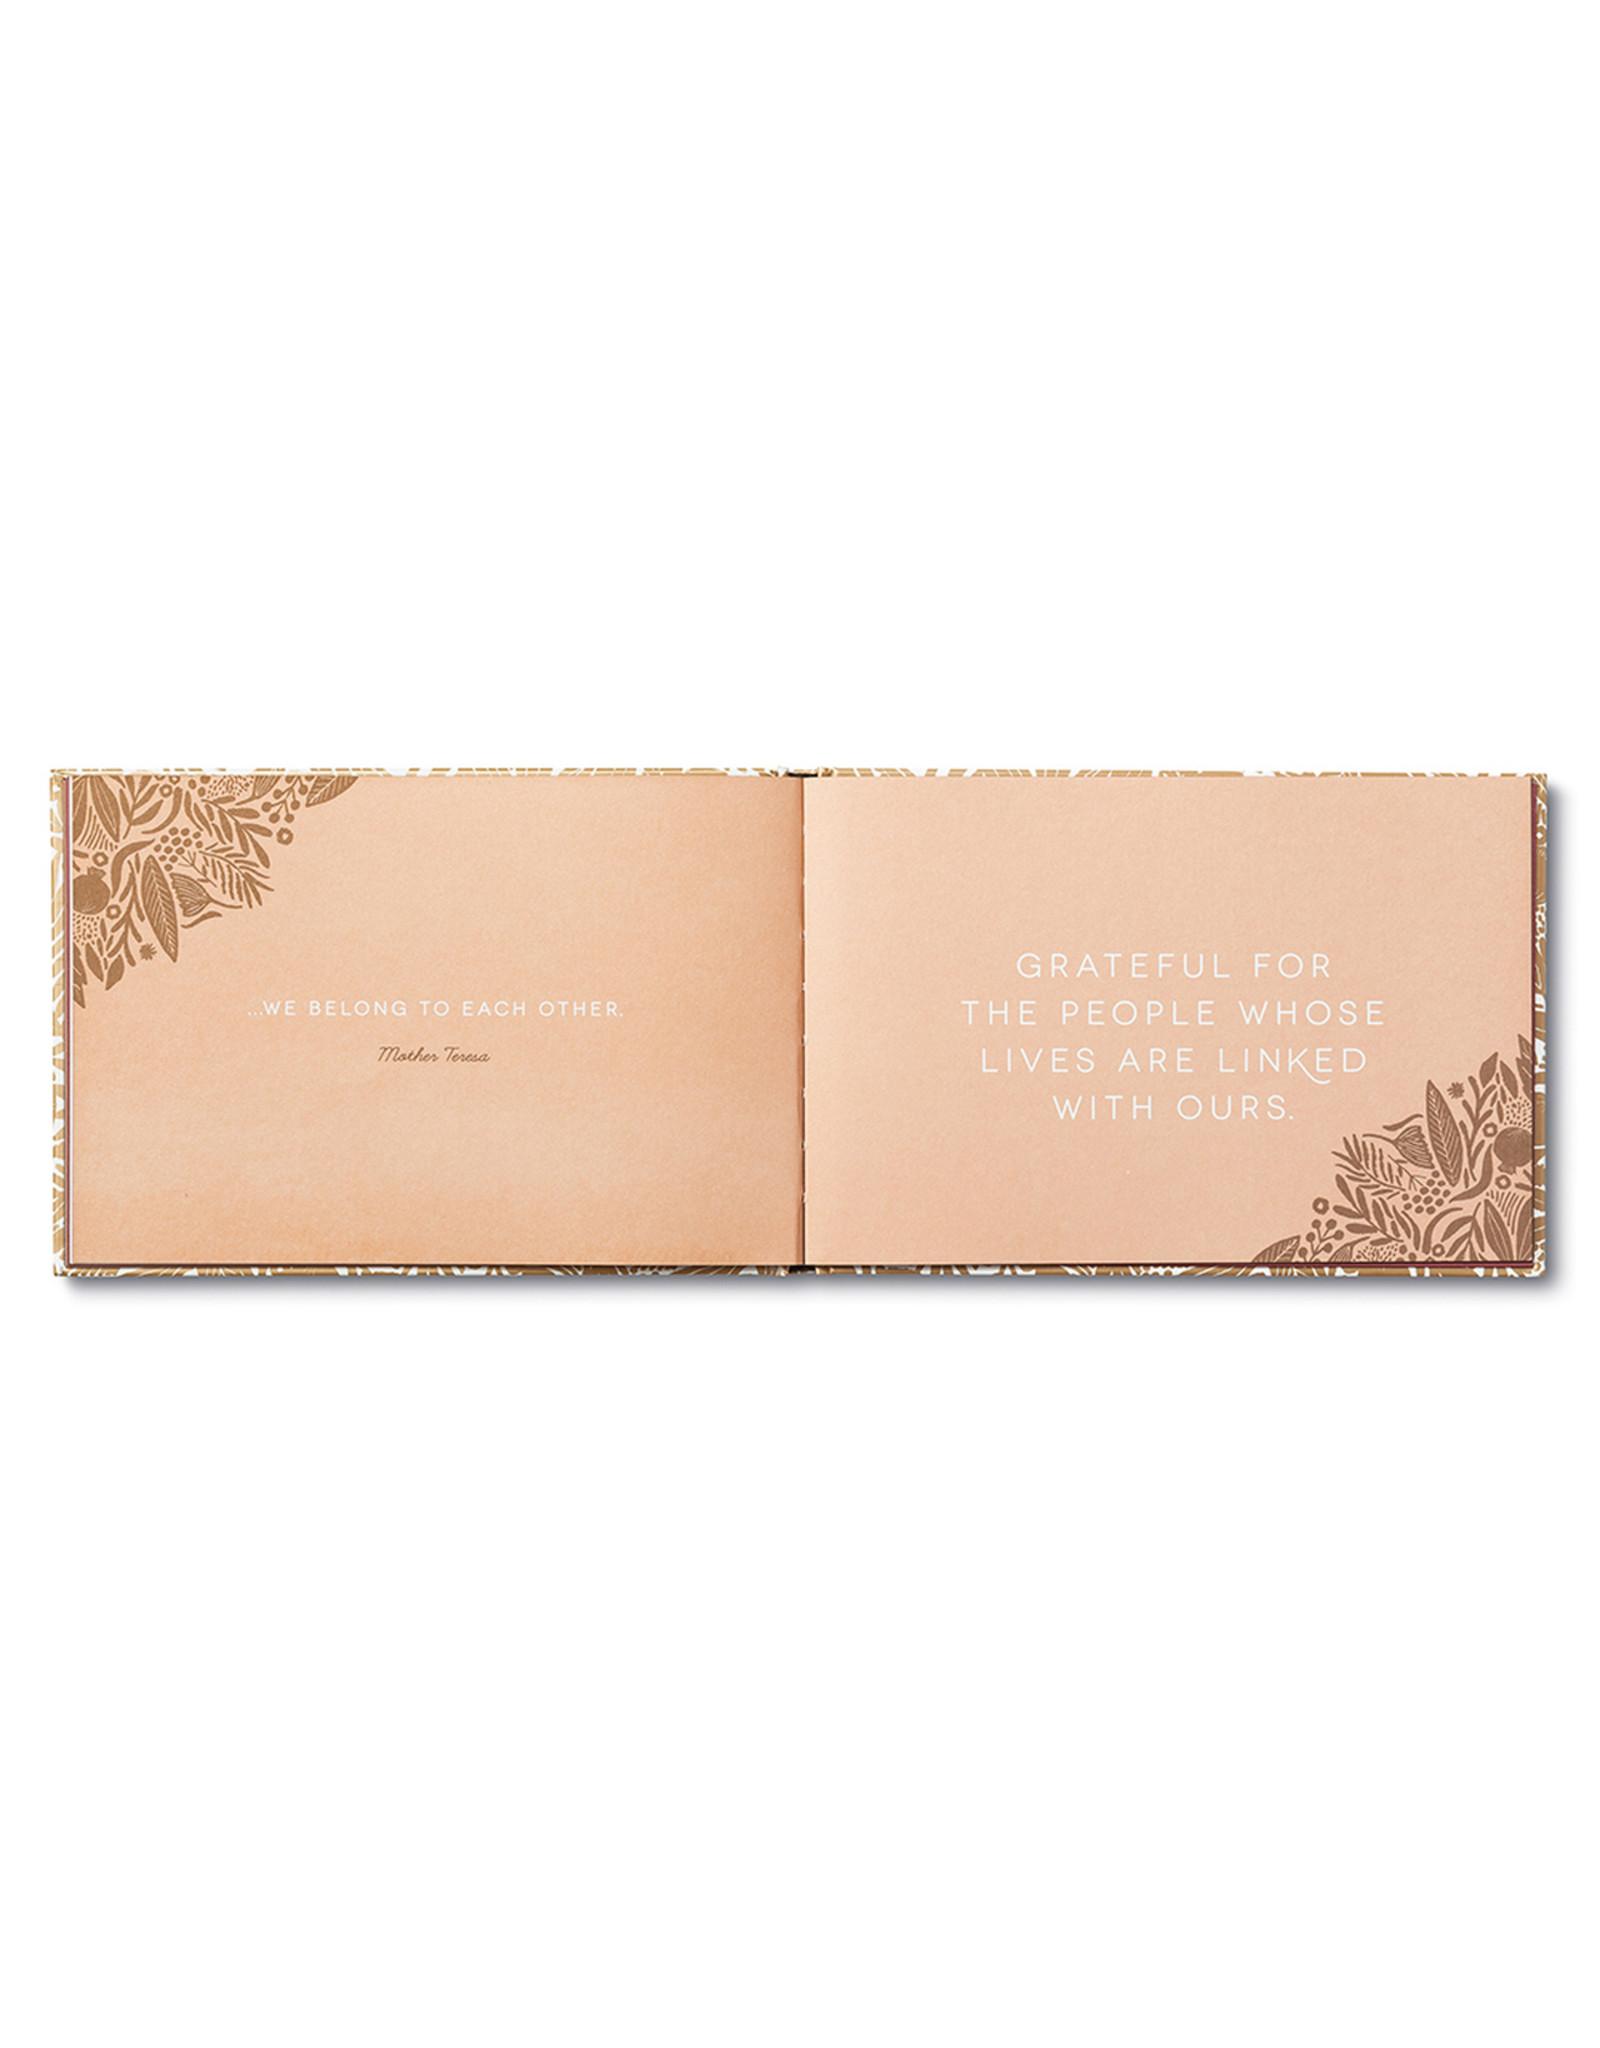 Book, Grateful